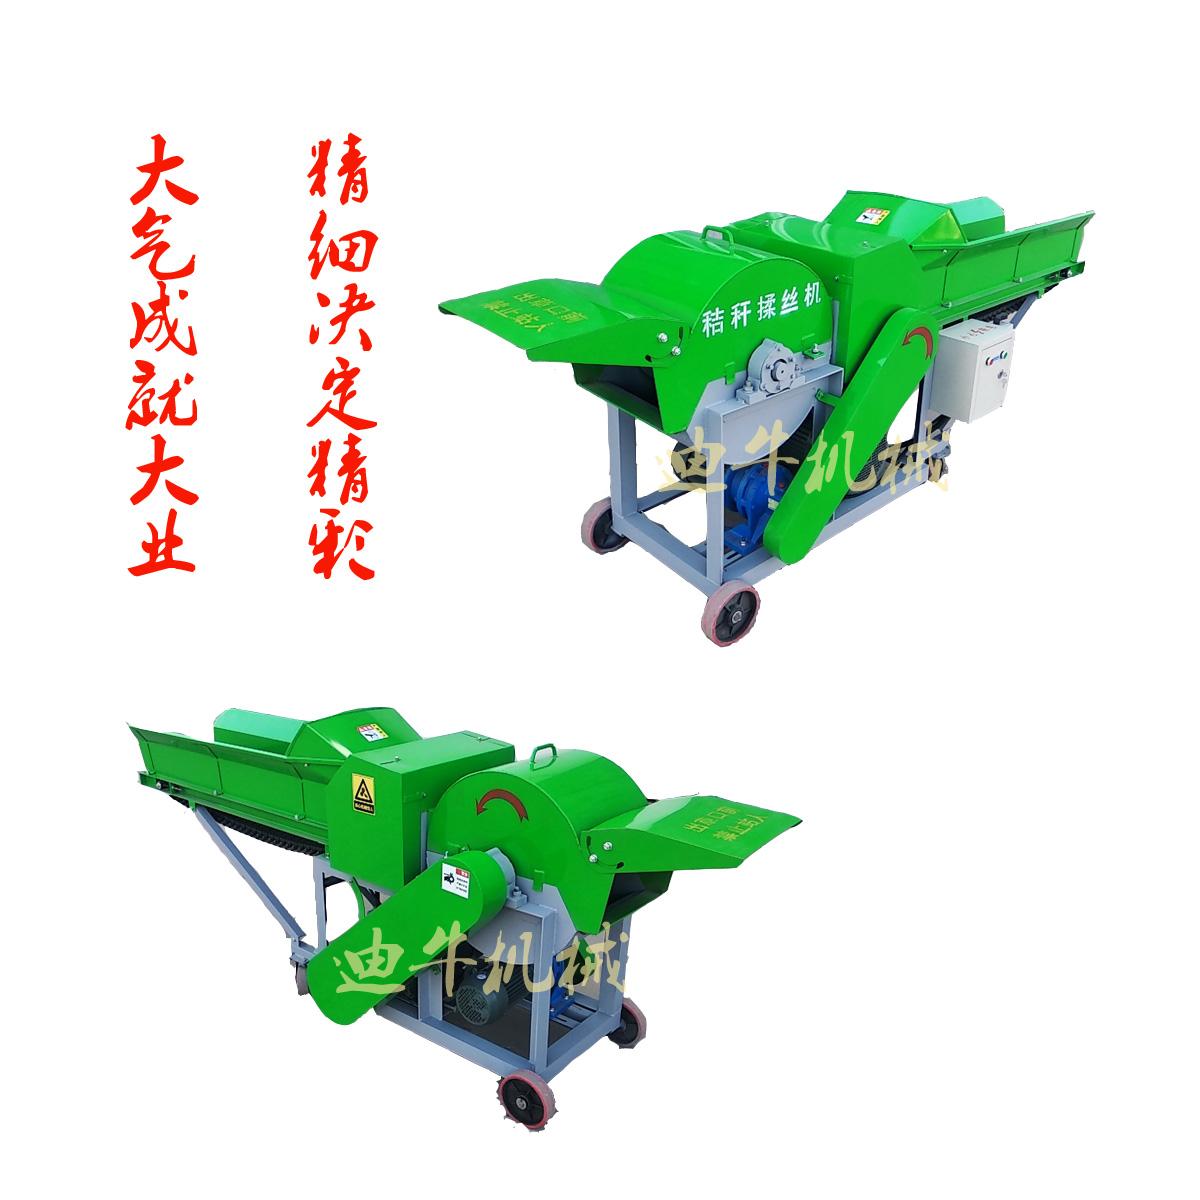 江西省小型揉丝机养殖专用铡草揉丝机揉草粉碎机